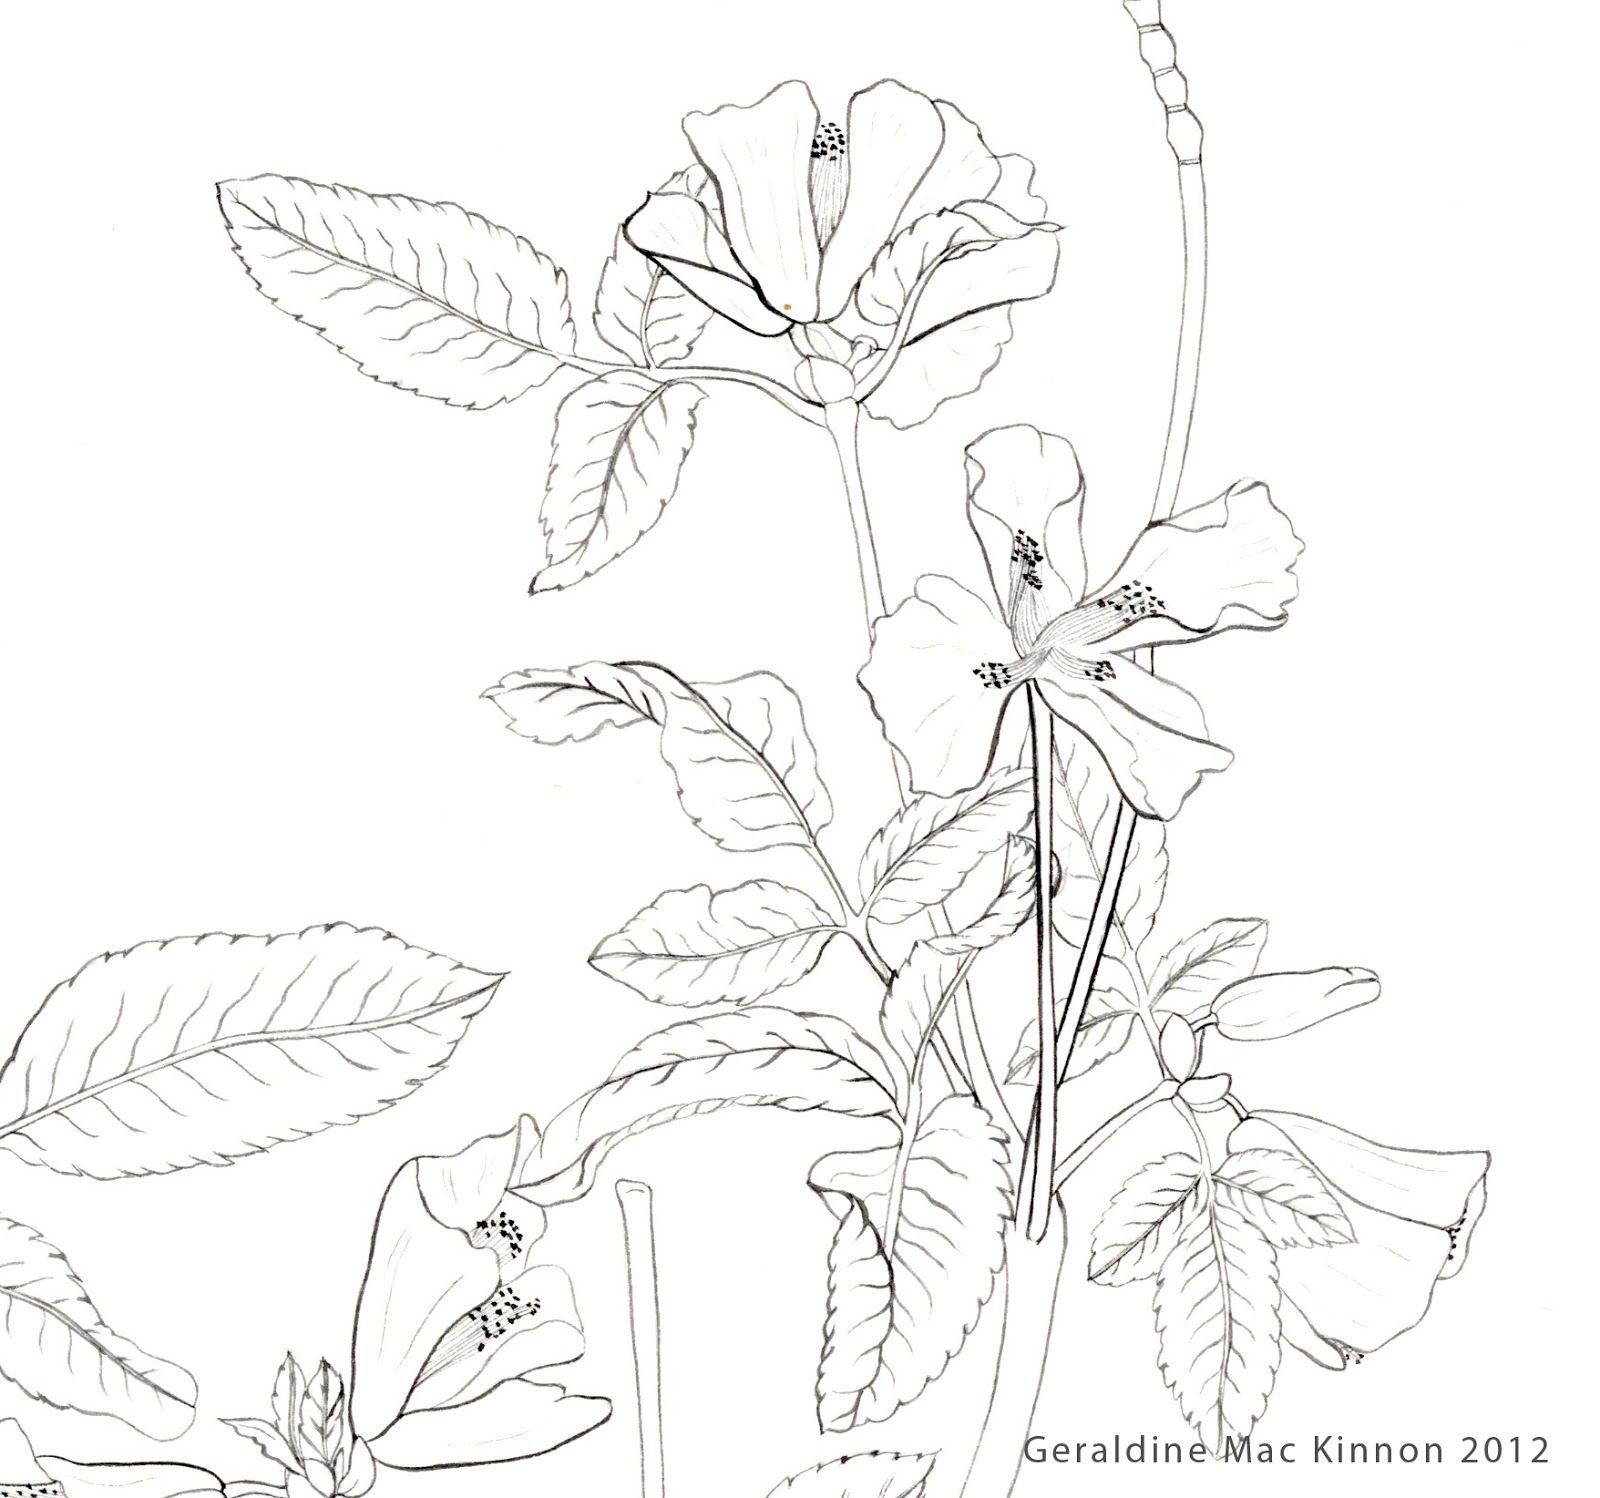 Resultado de imagen para imagenes del naturalismo literario para dibujar